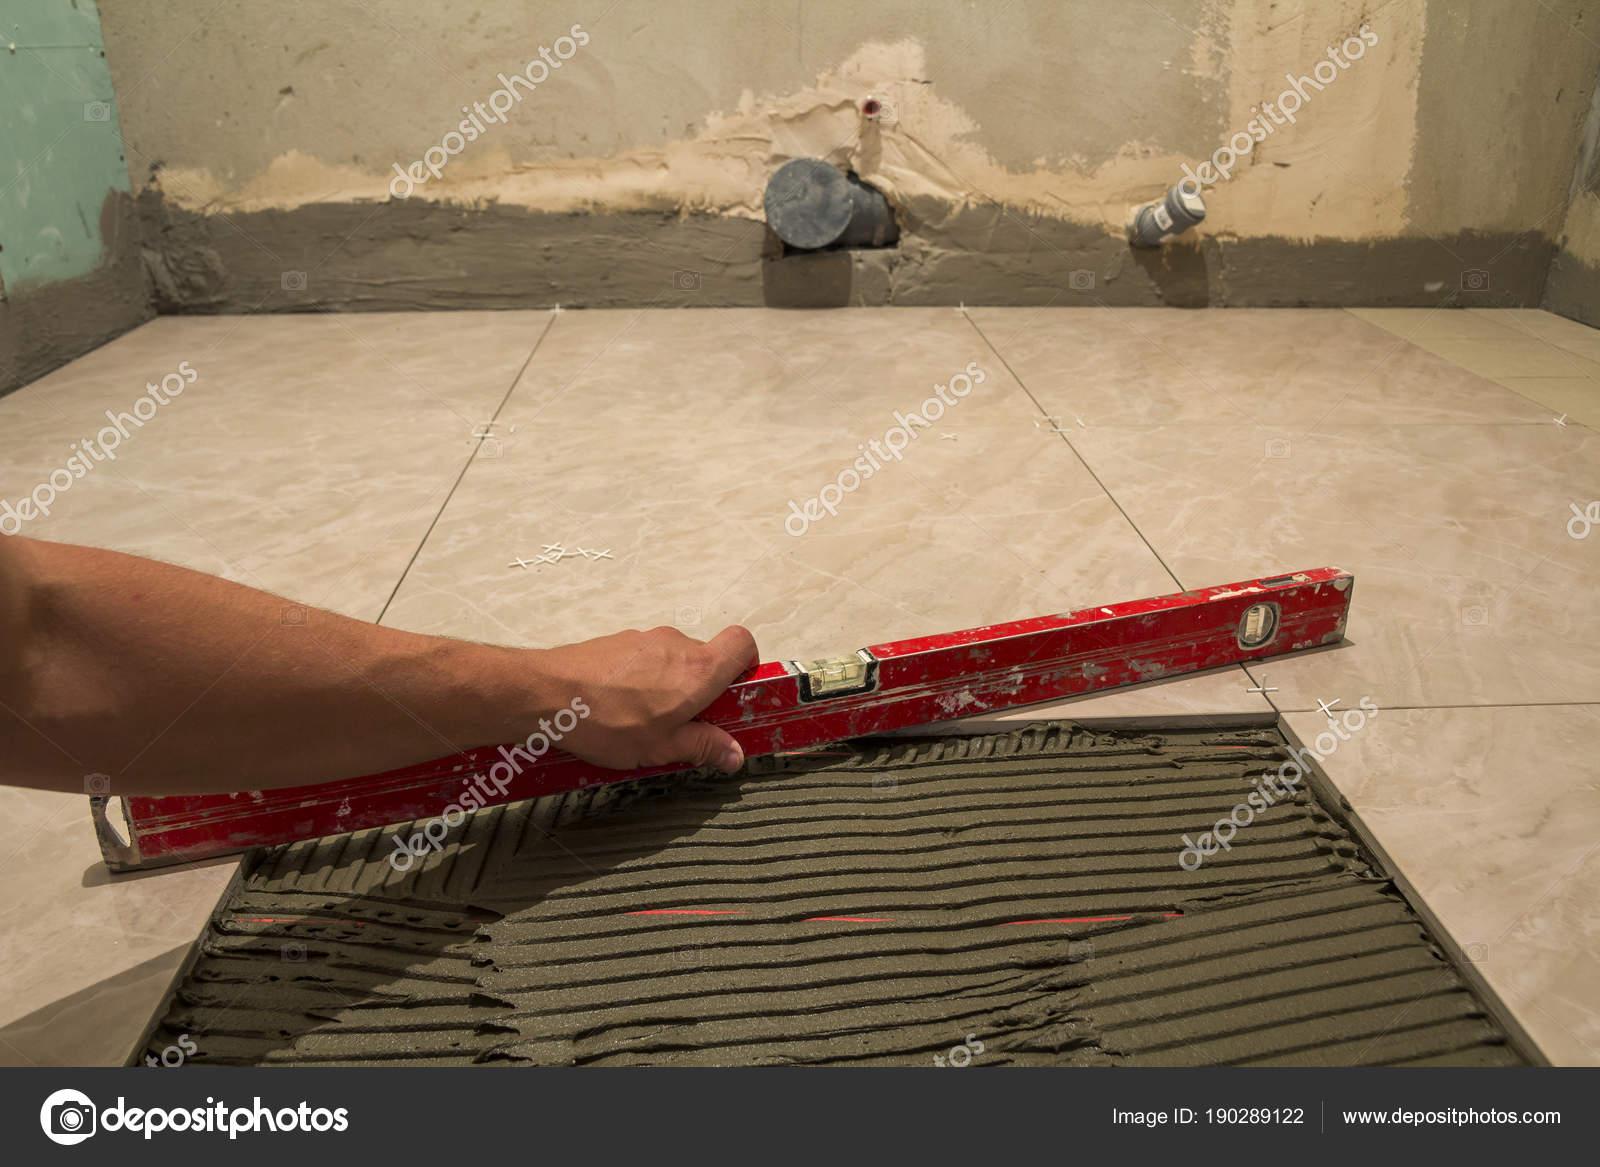 Fußboden Fliesen Renovieren ~ Keramische fliesen und werkzeuge für fliesenleger arbeiter hand